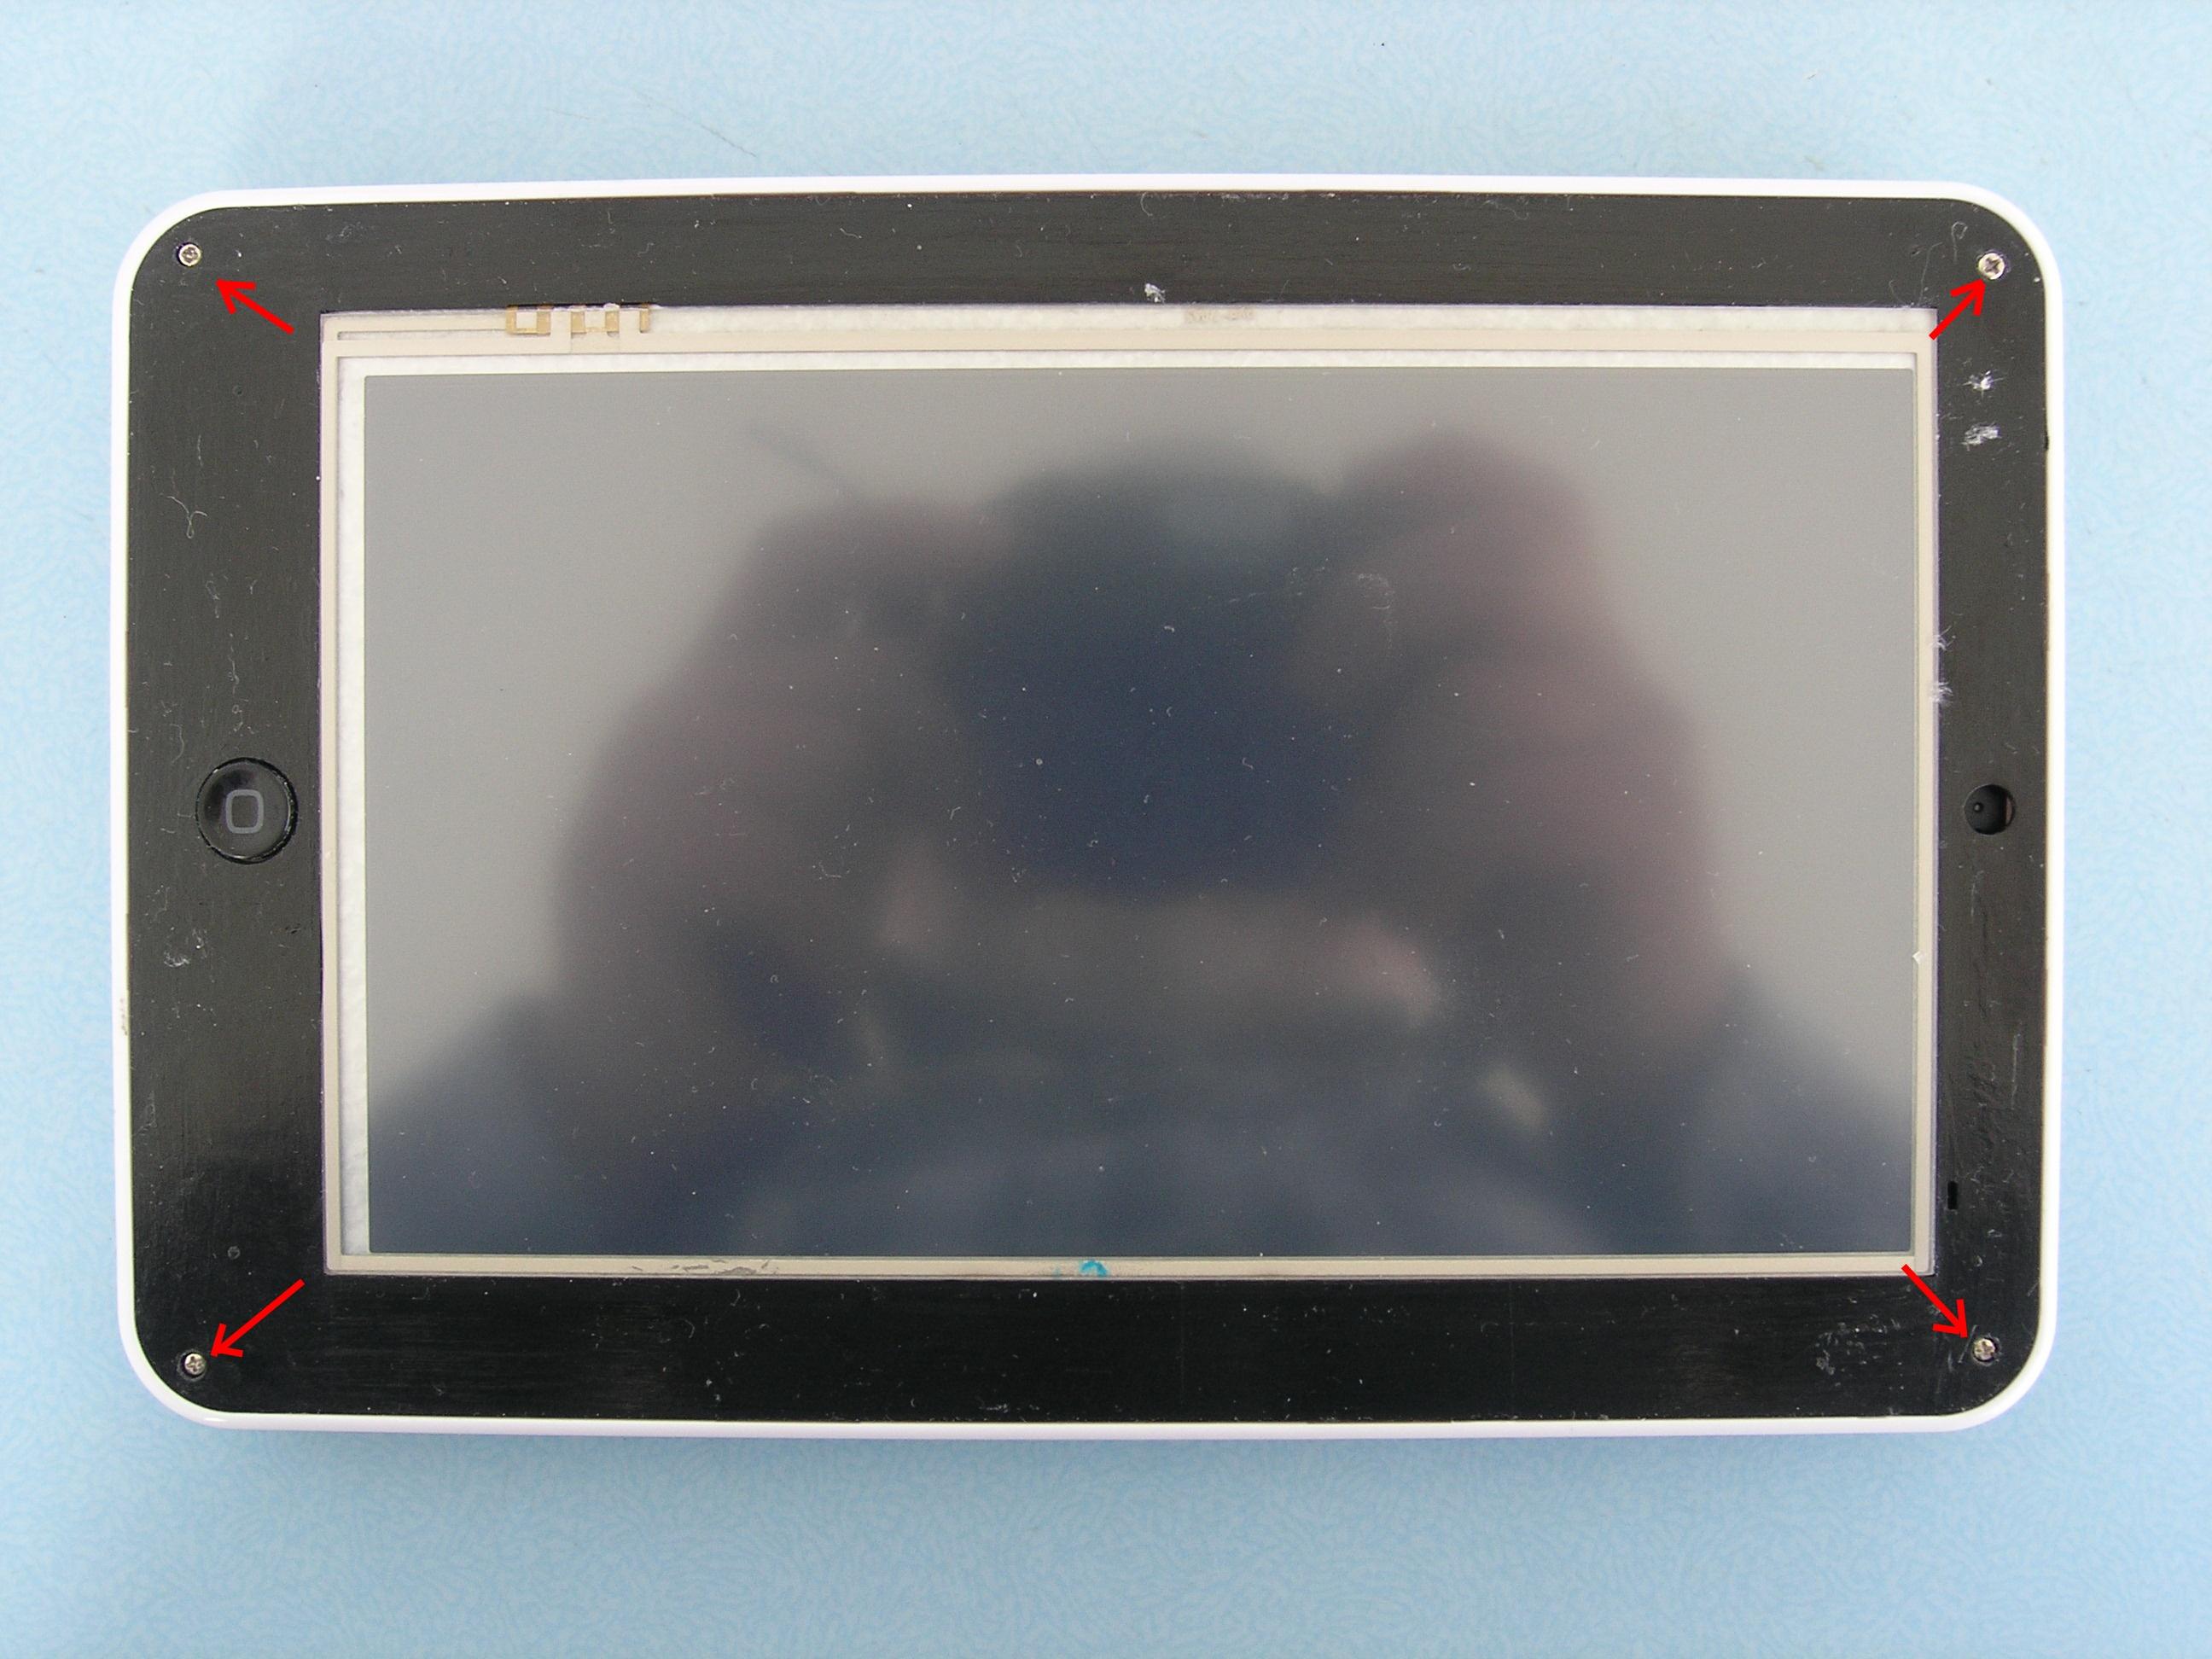 Chi�ski tablet MID - jak otworzy� obudow� ....